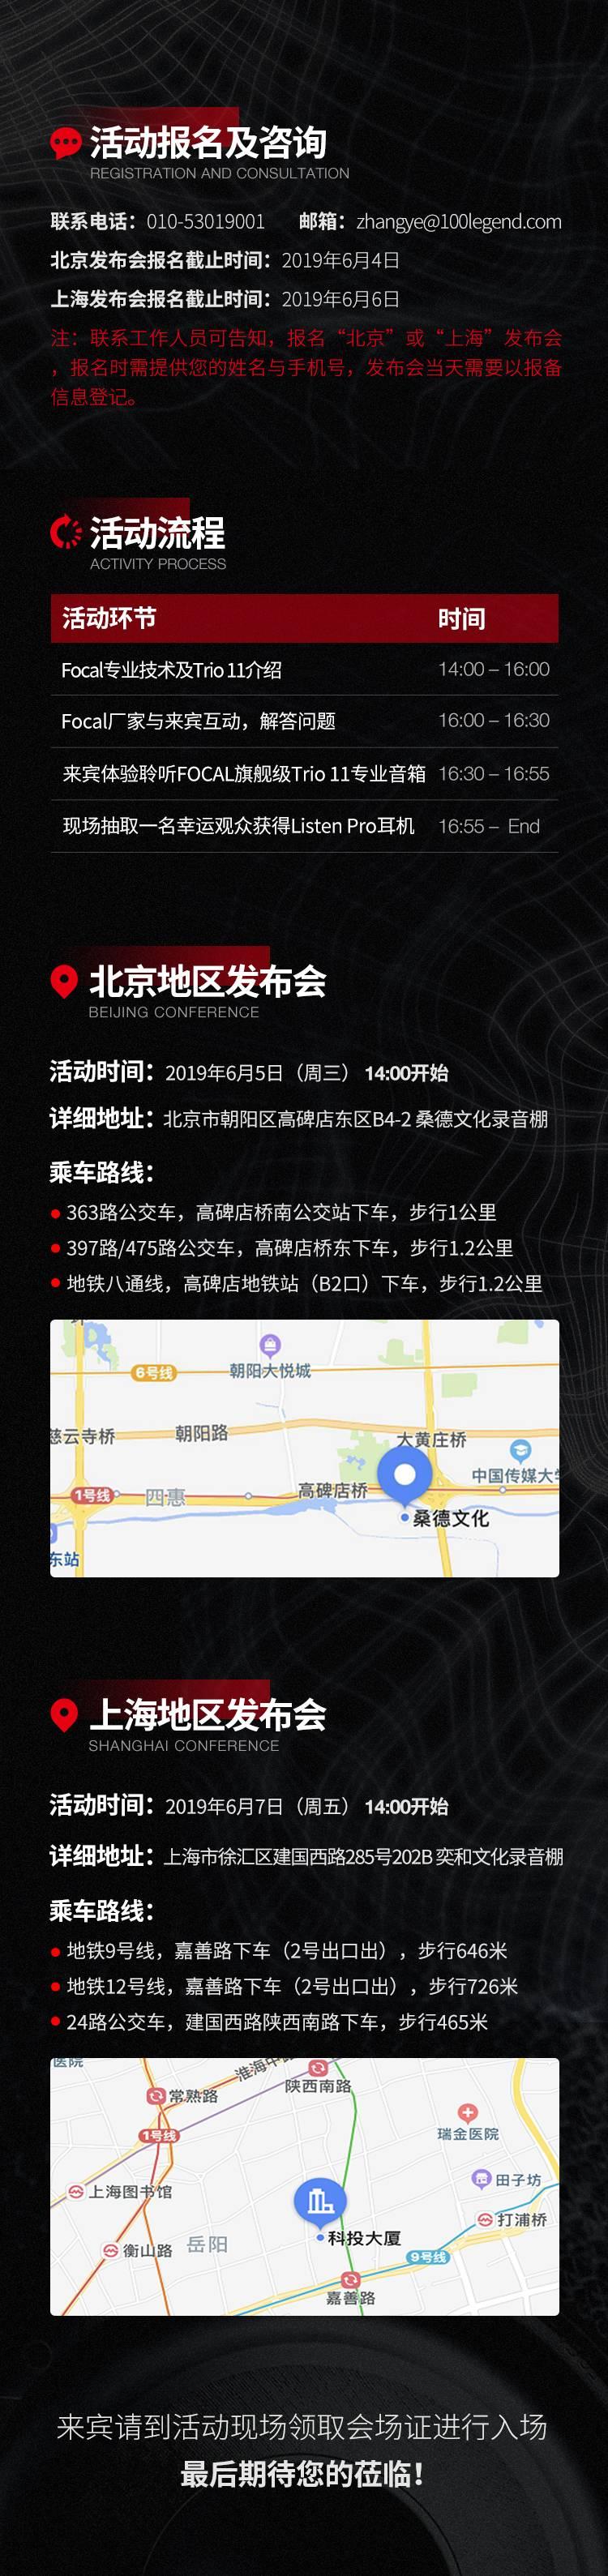 流程地址图片